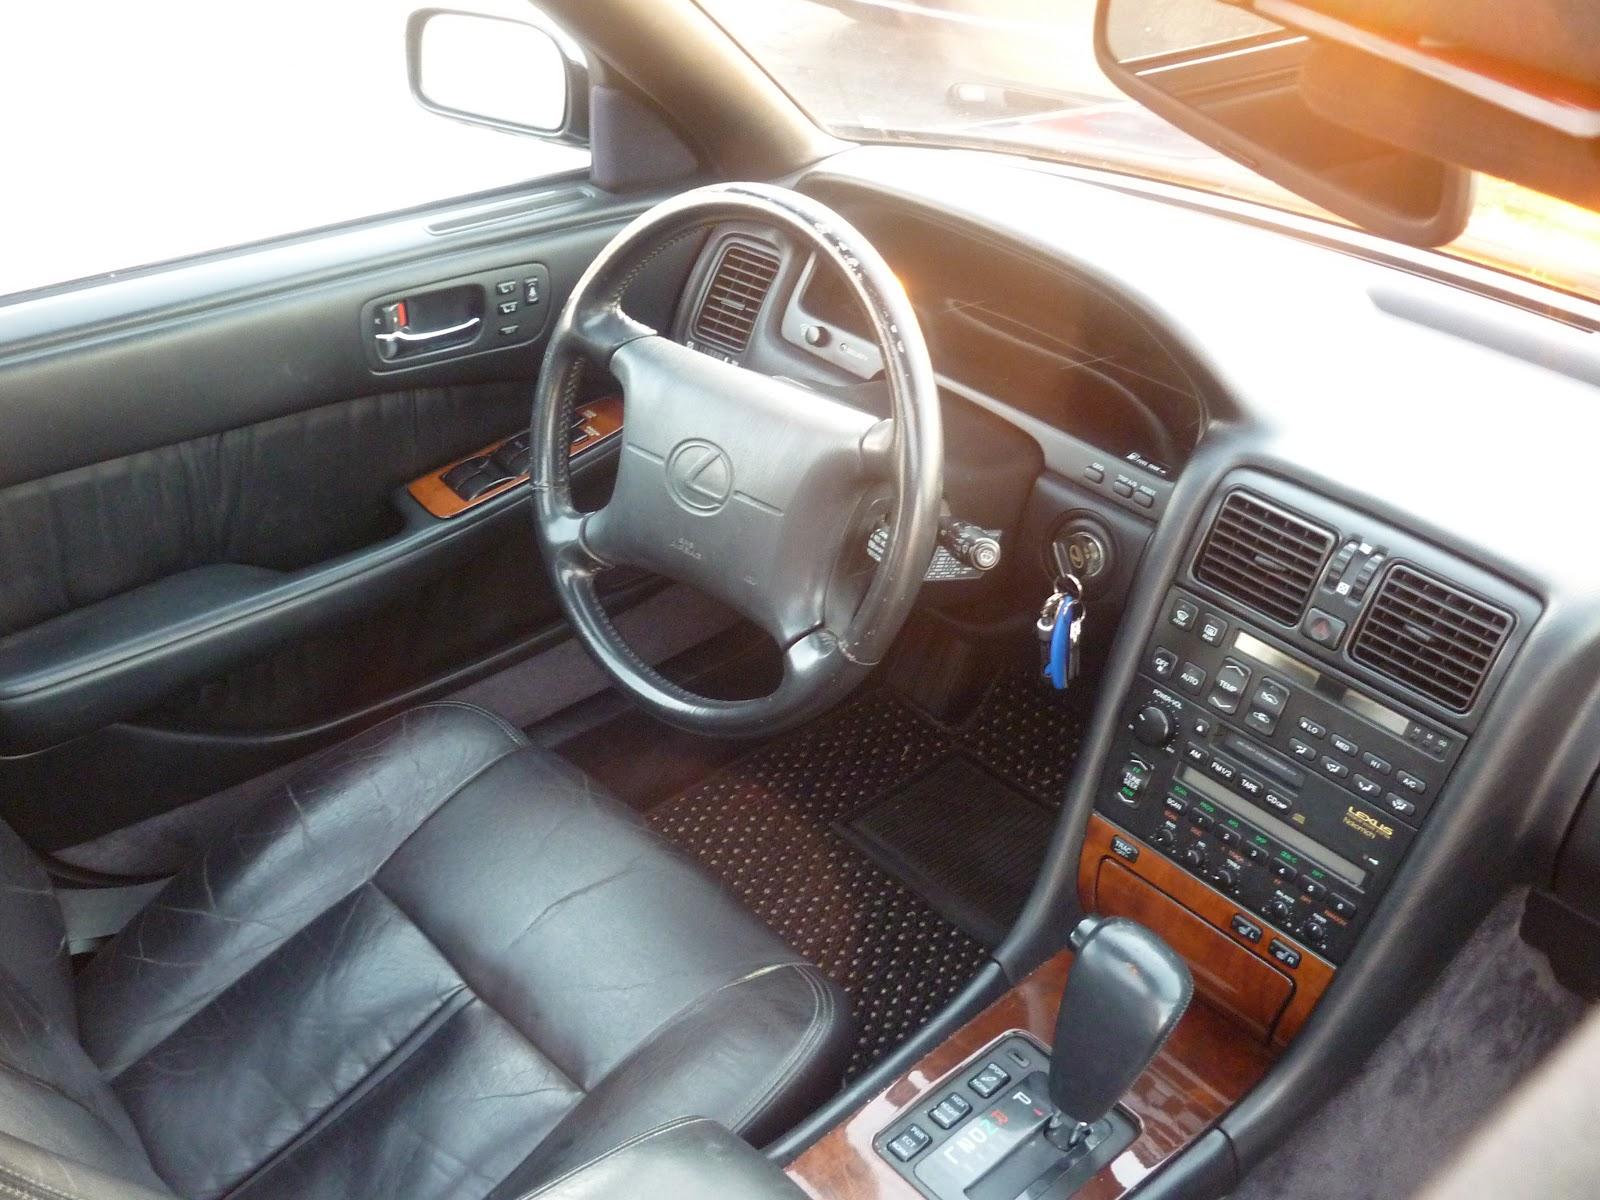 Tamerlane s Thoughts 1993 Lexus LS400 for sale plus bonus